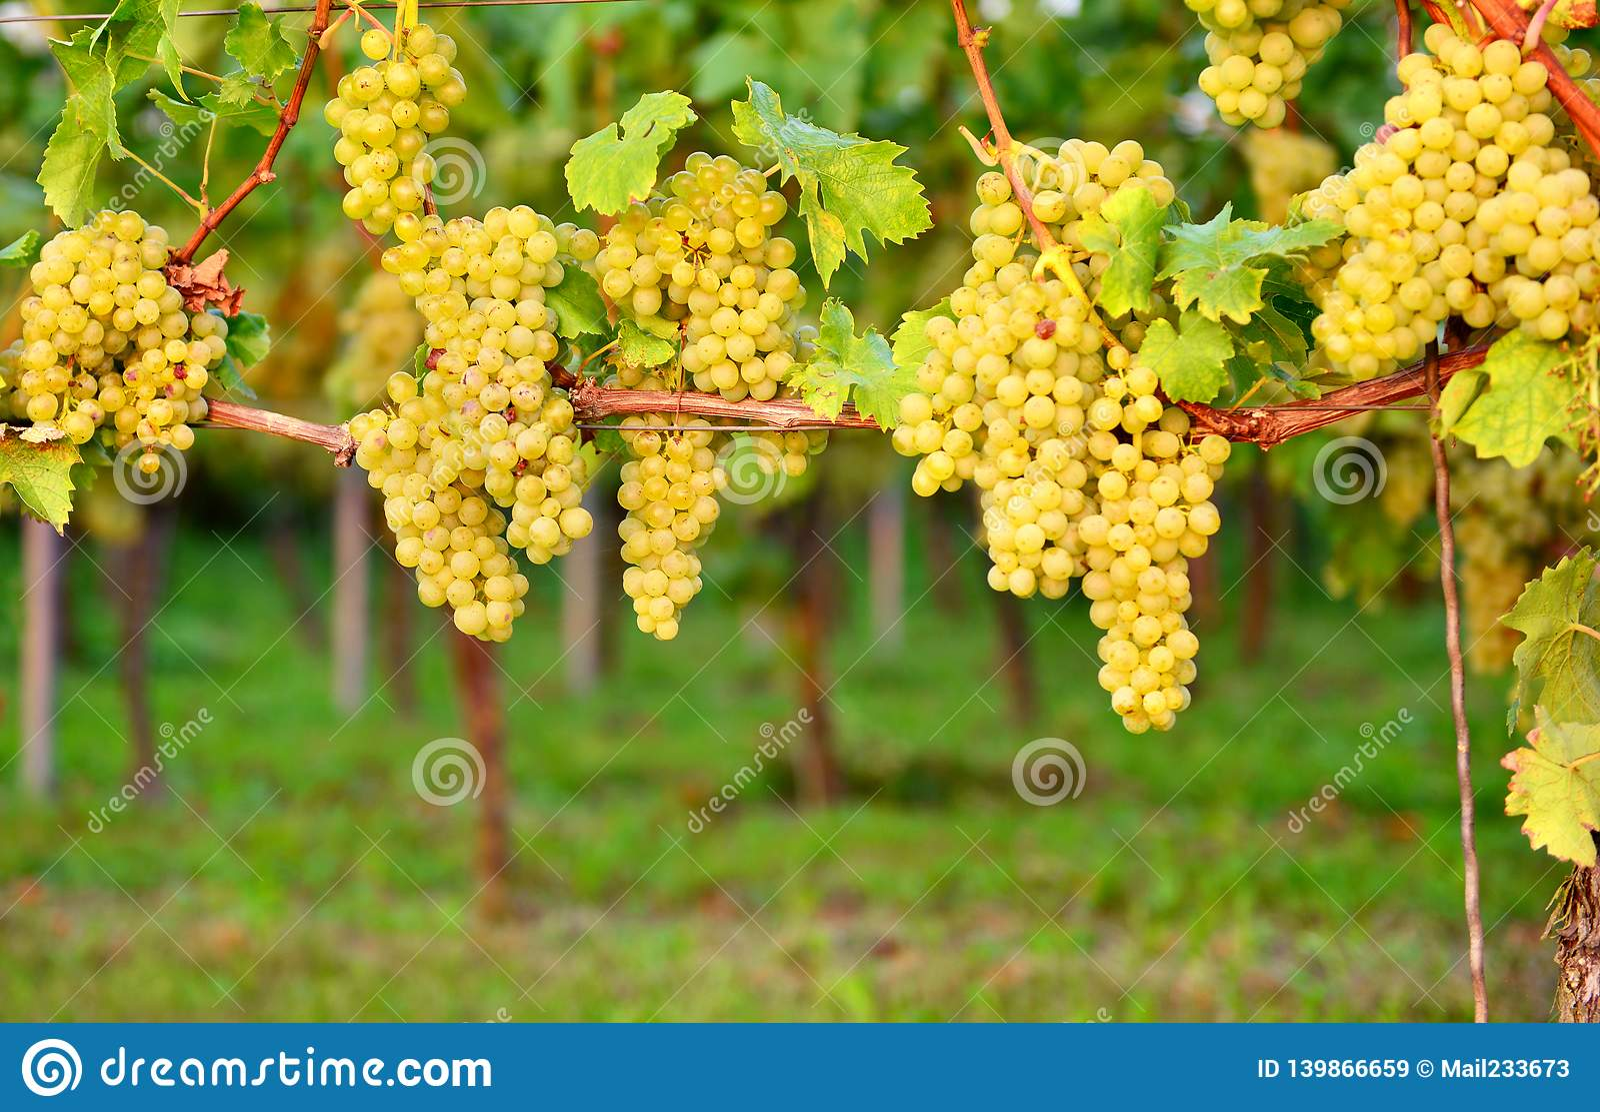 Uvas brancas no outono